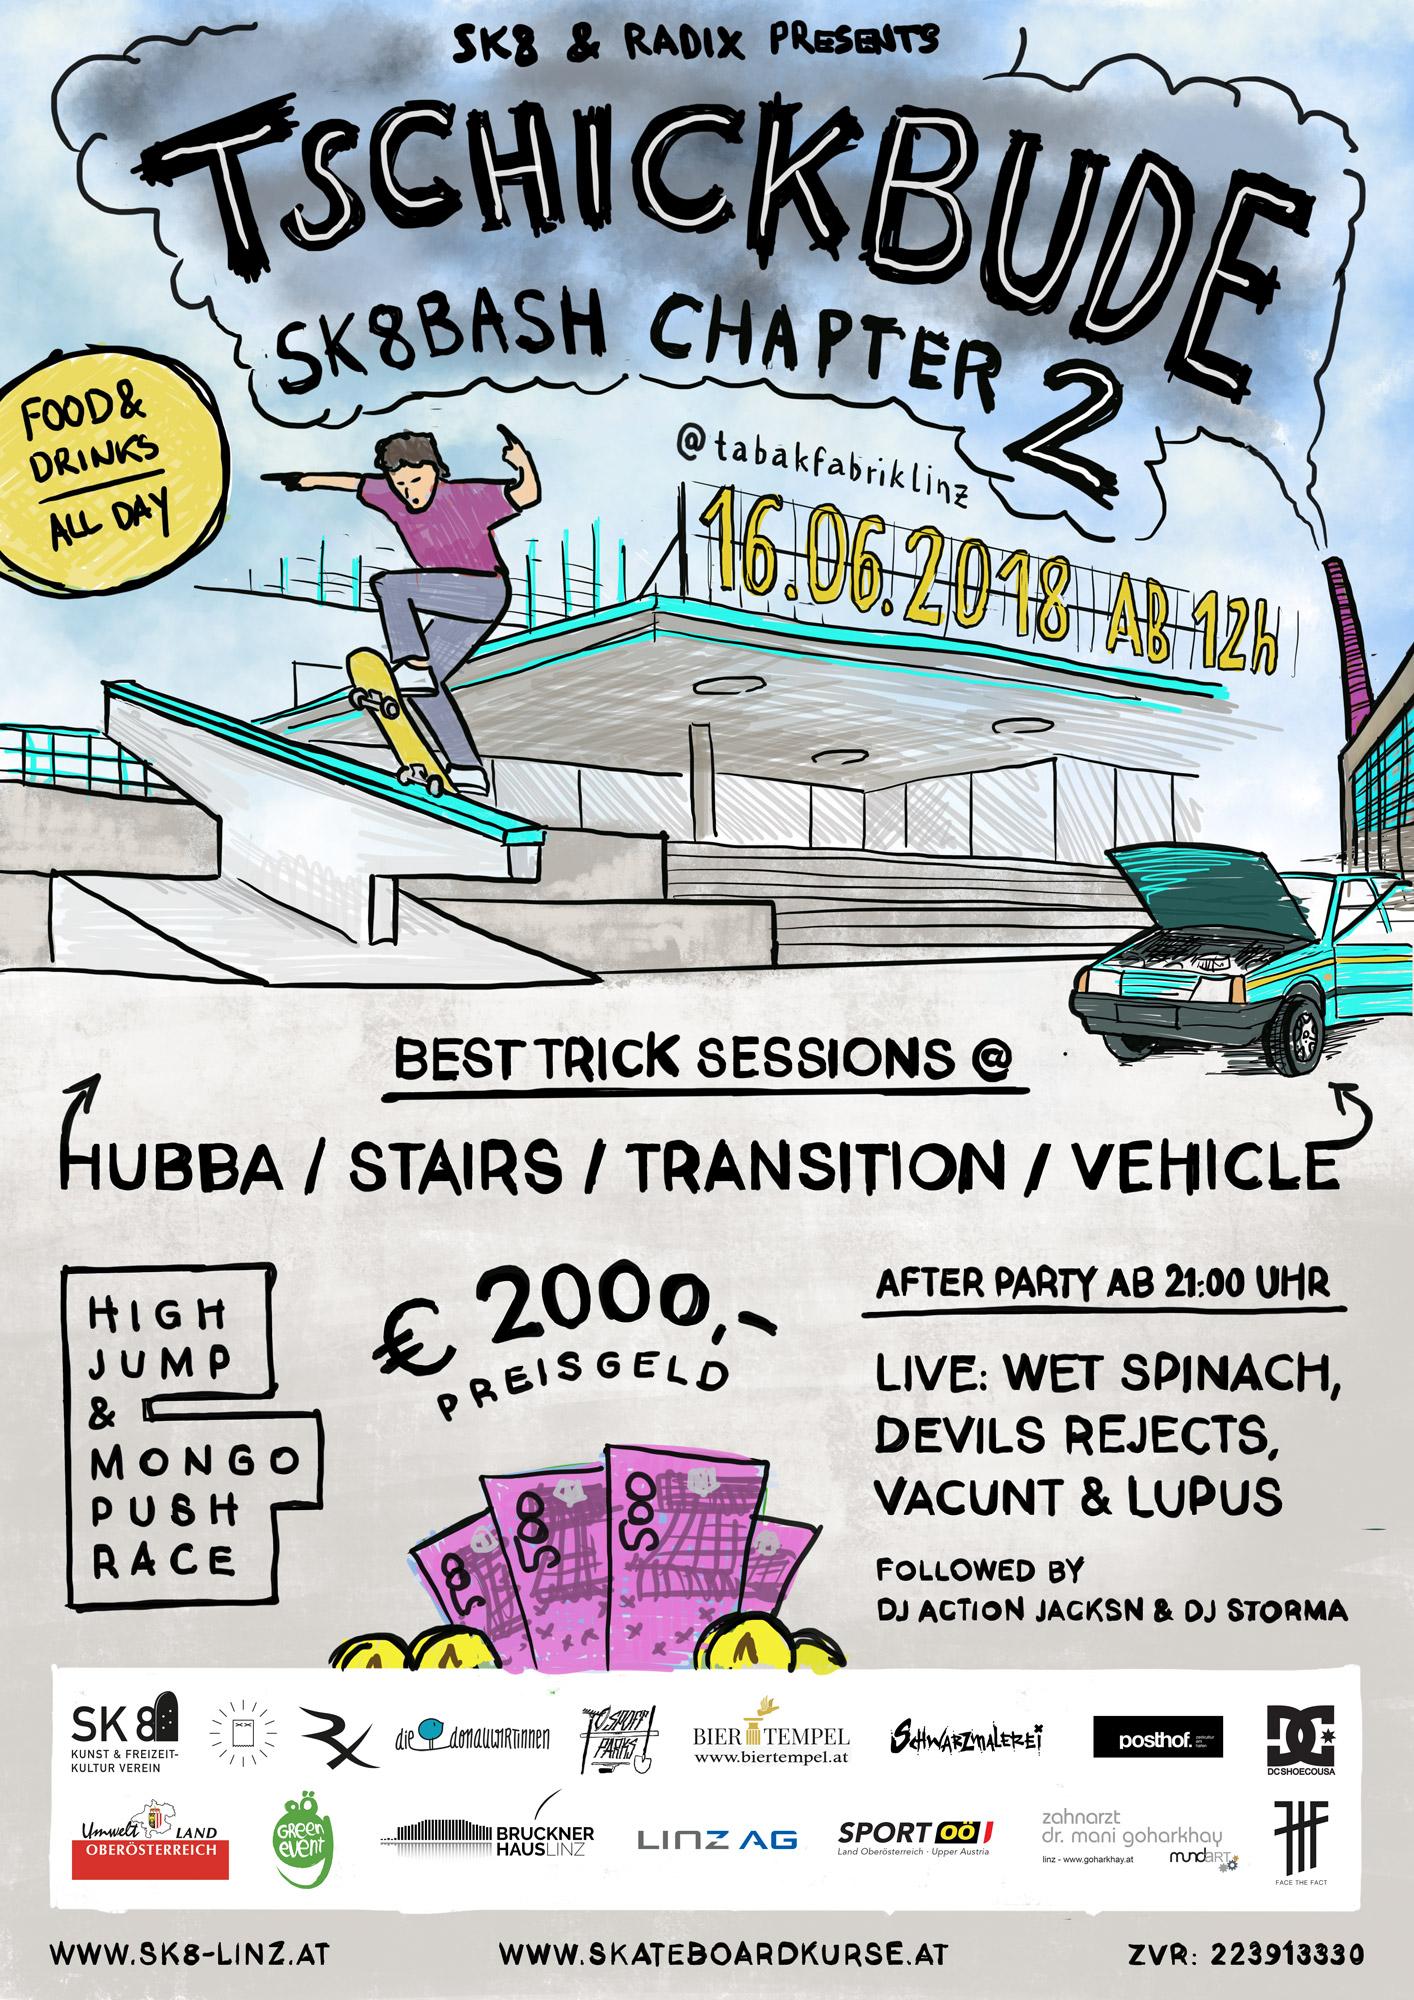 Tschickbude Sk8bash Chapter II